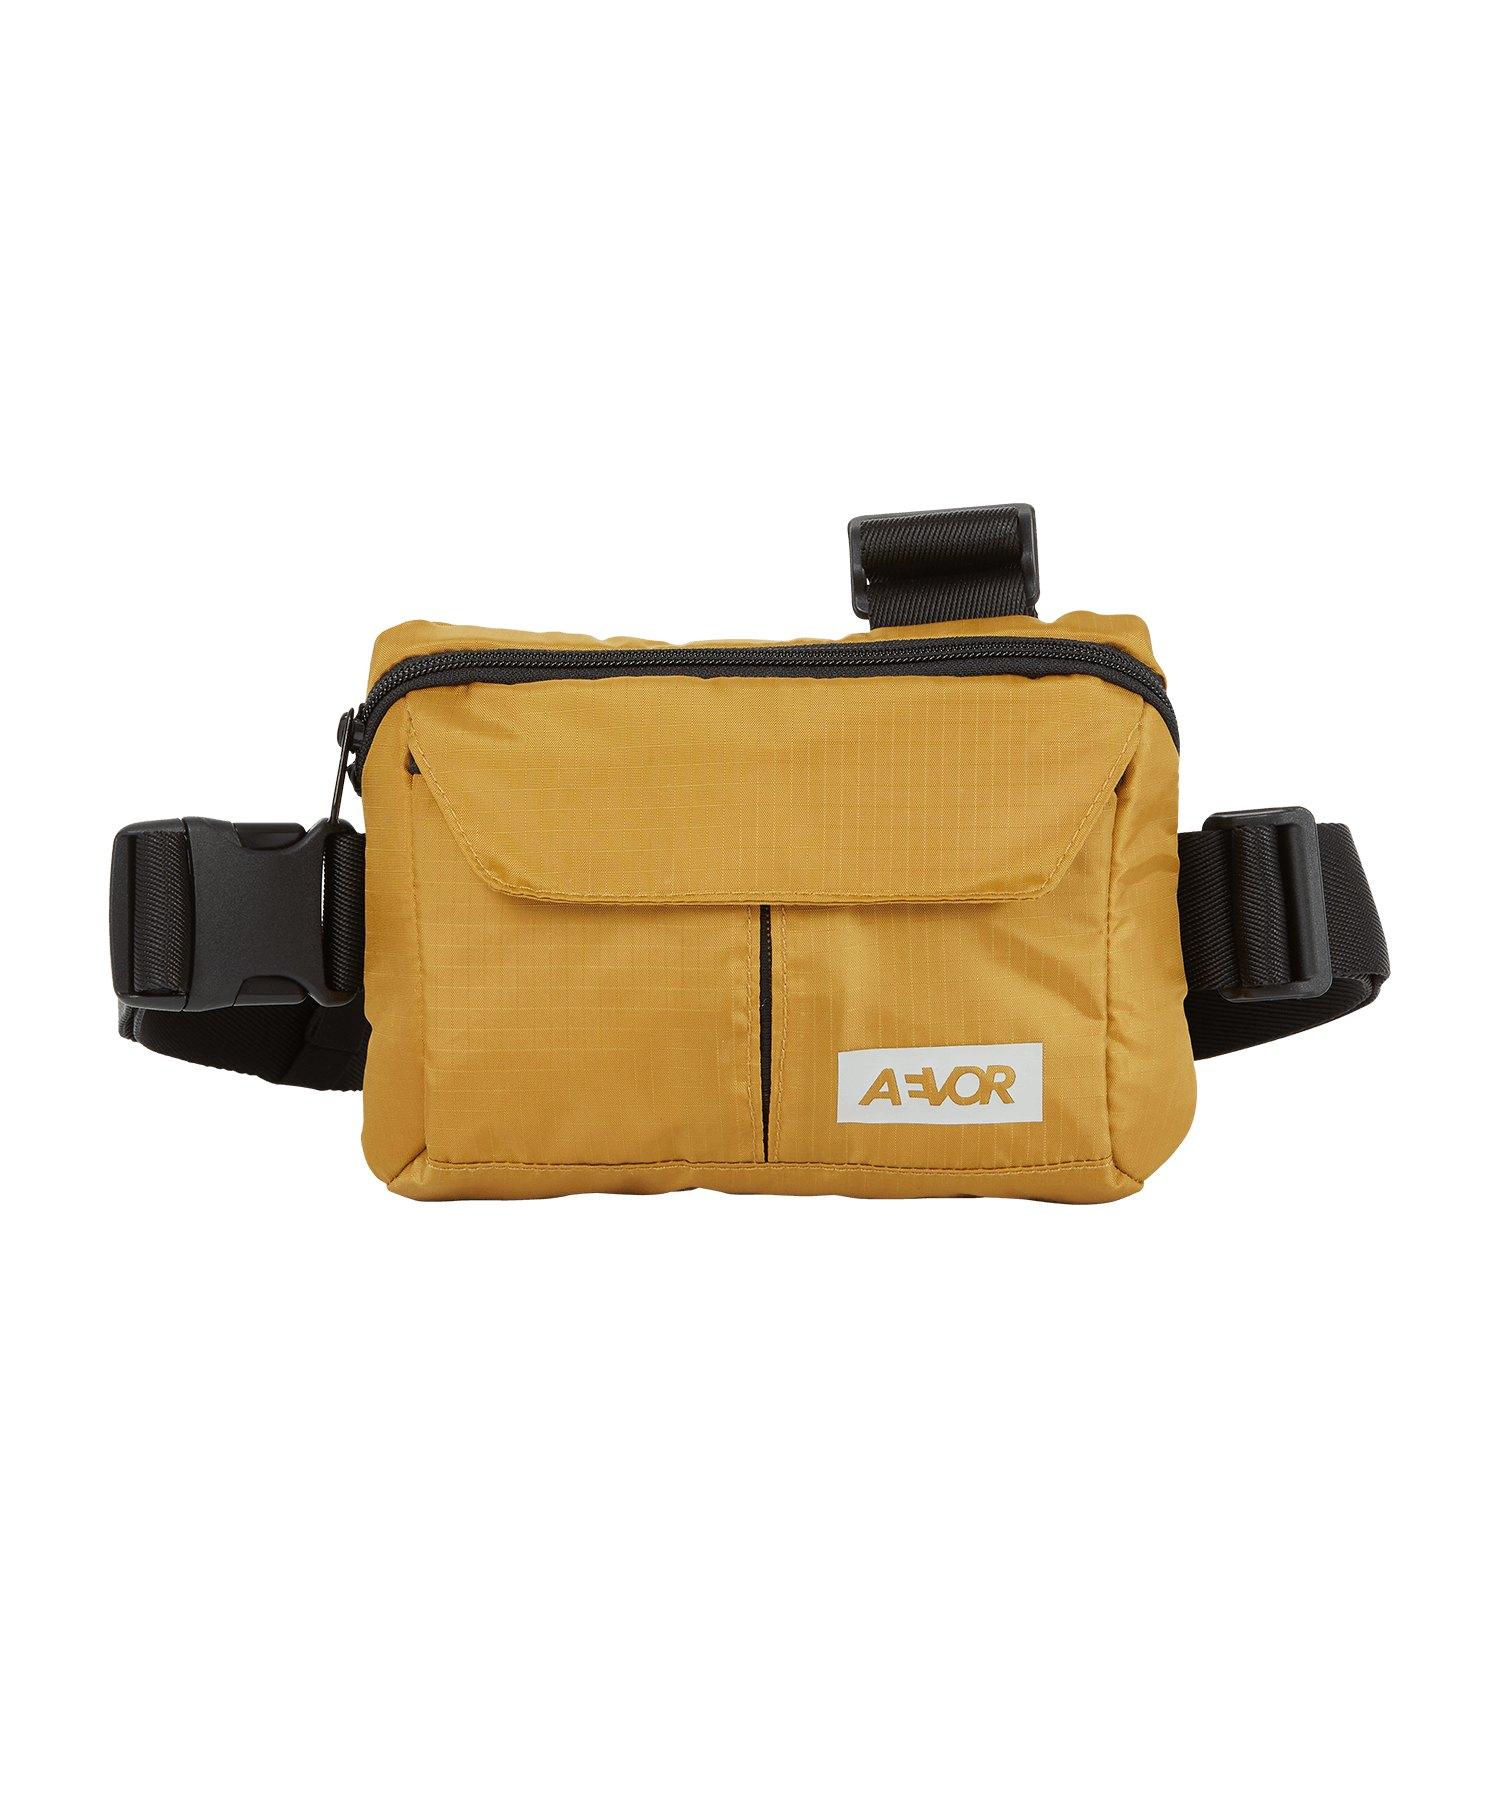 AEVOR Frontpack Tasche Gold F755 - gold